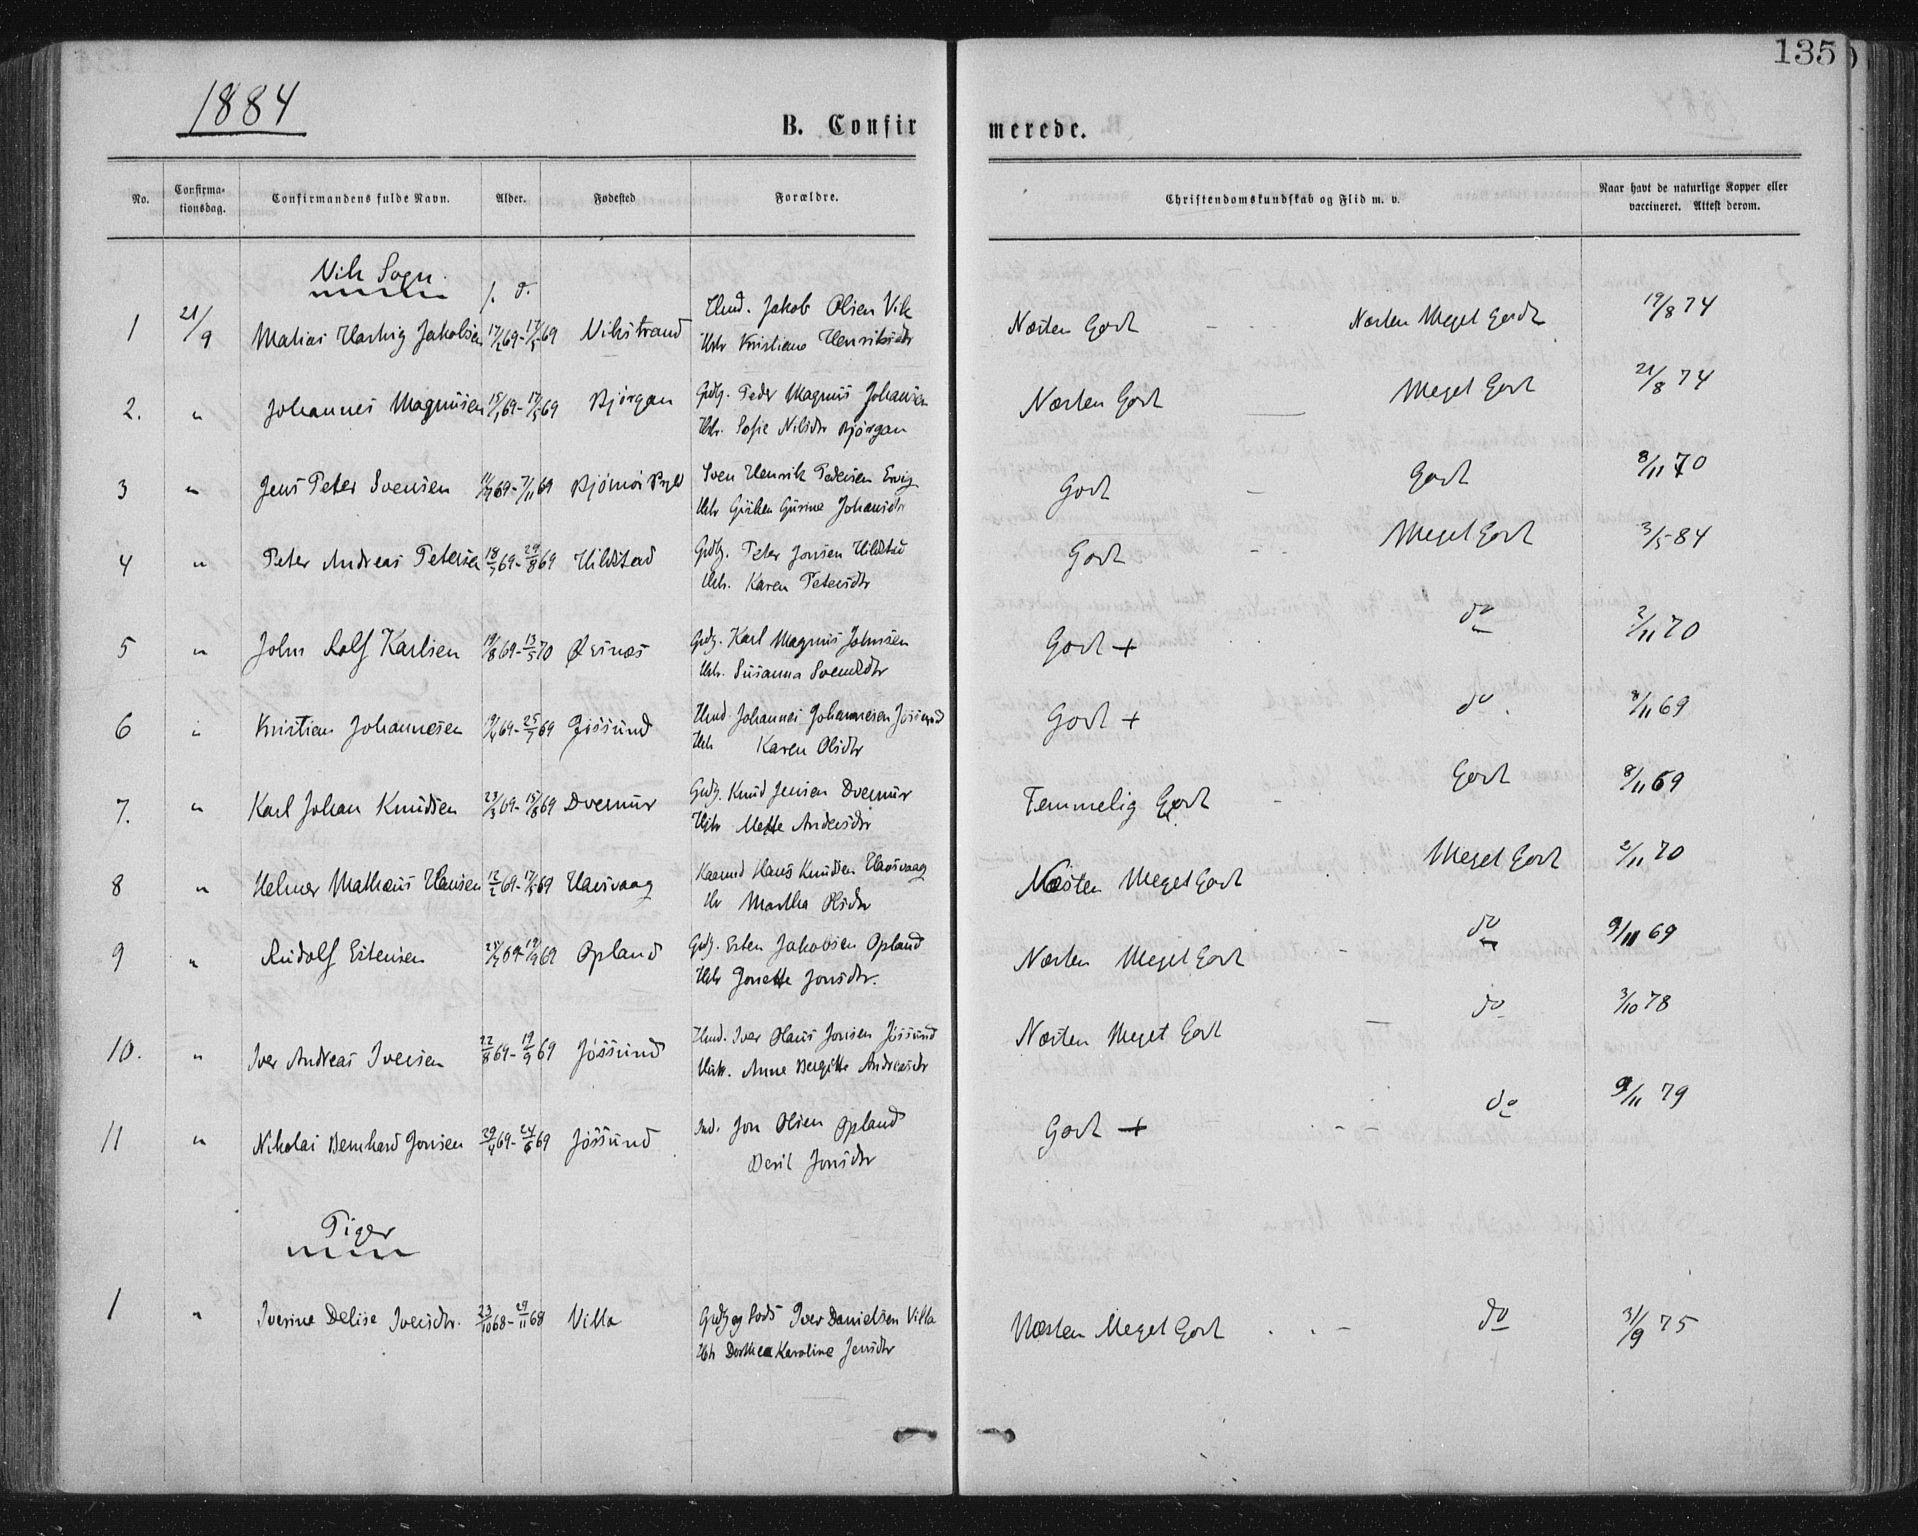 SAT, Ministerialprotokoller, klokkerbøker og fødselsregistre - Nord-Trøndelag, 771/L0596: Ministerialbok nr. 771A03, 1870-1884, s. 135